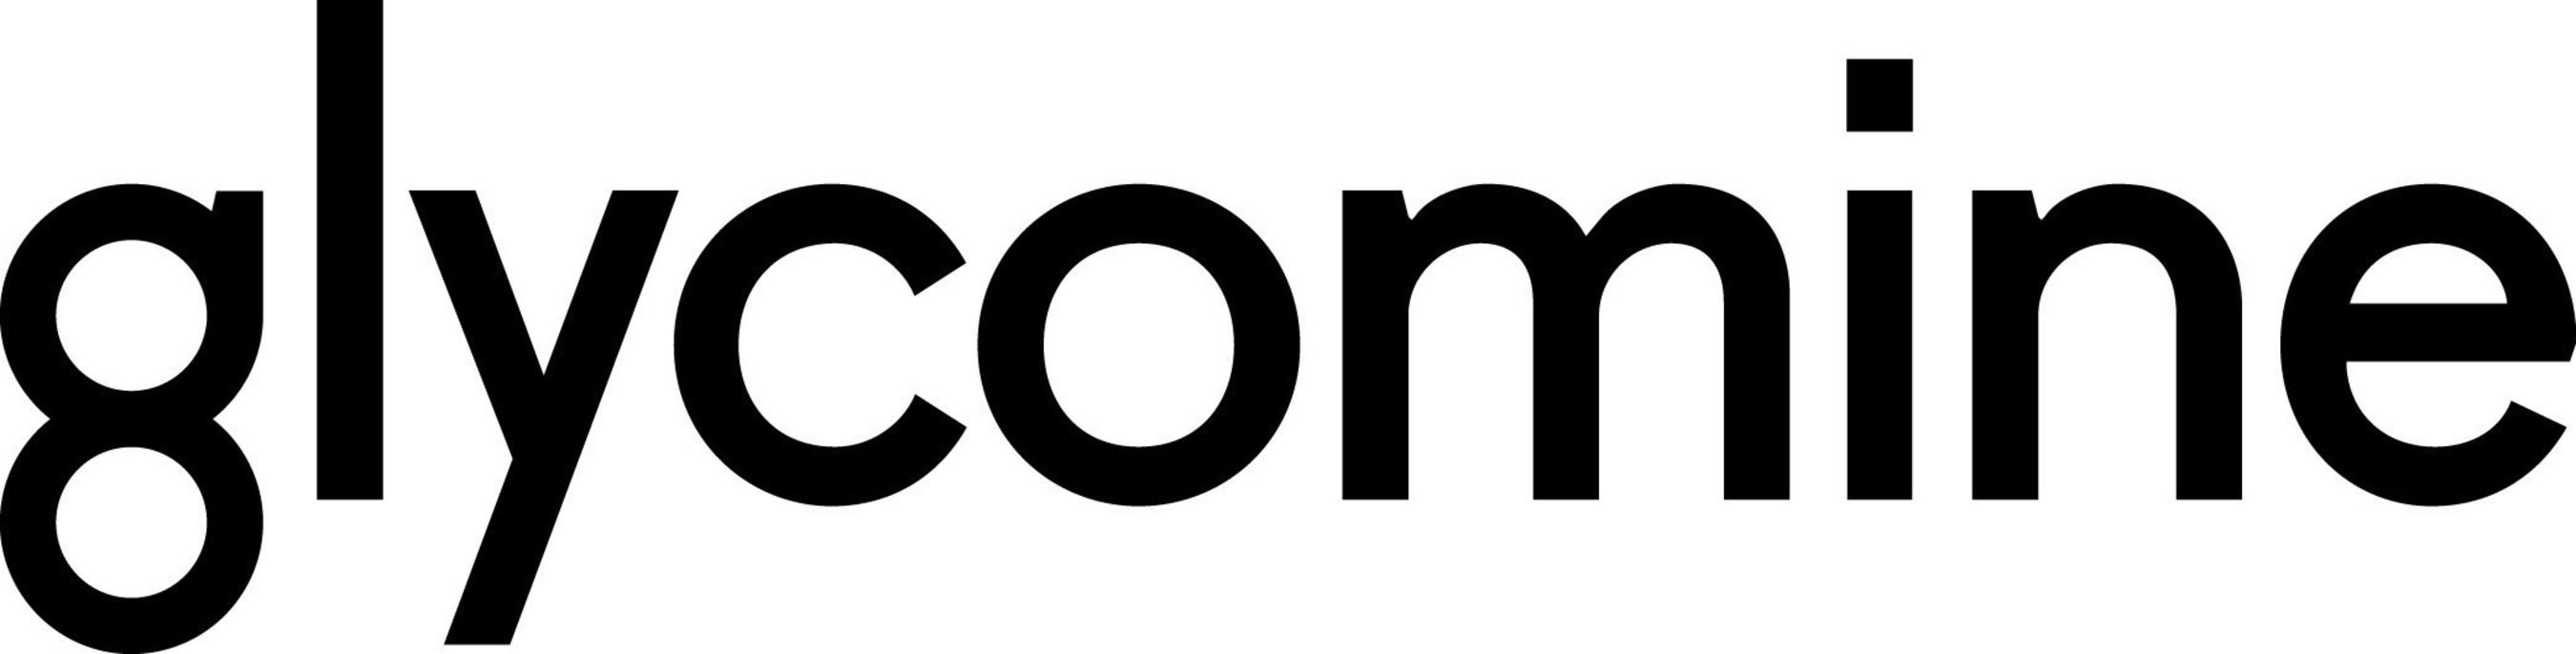 Glycomine logo